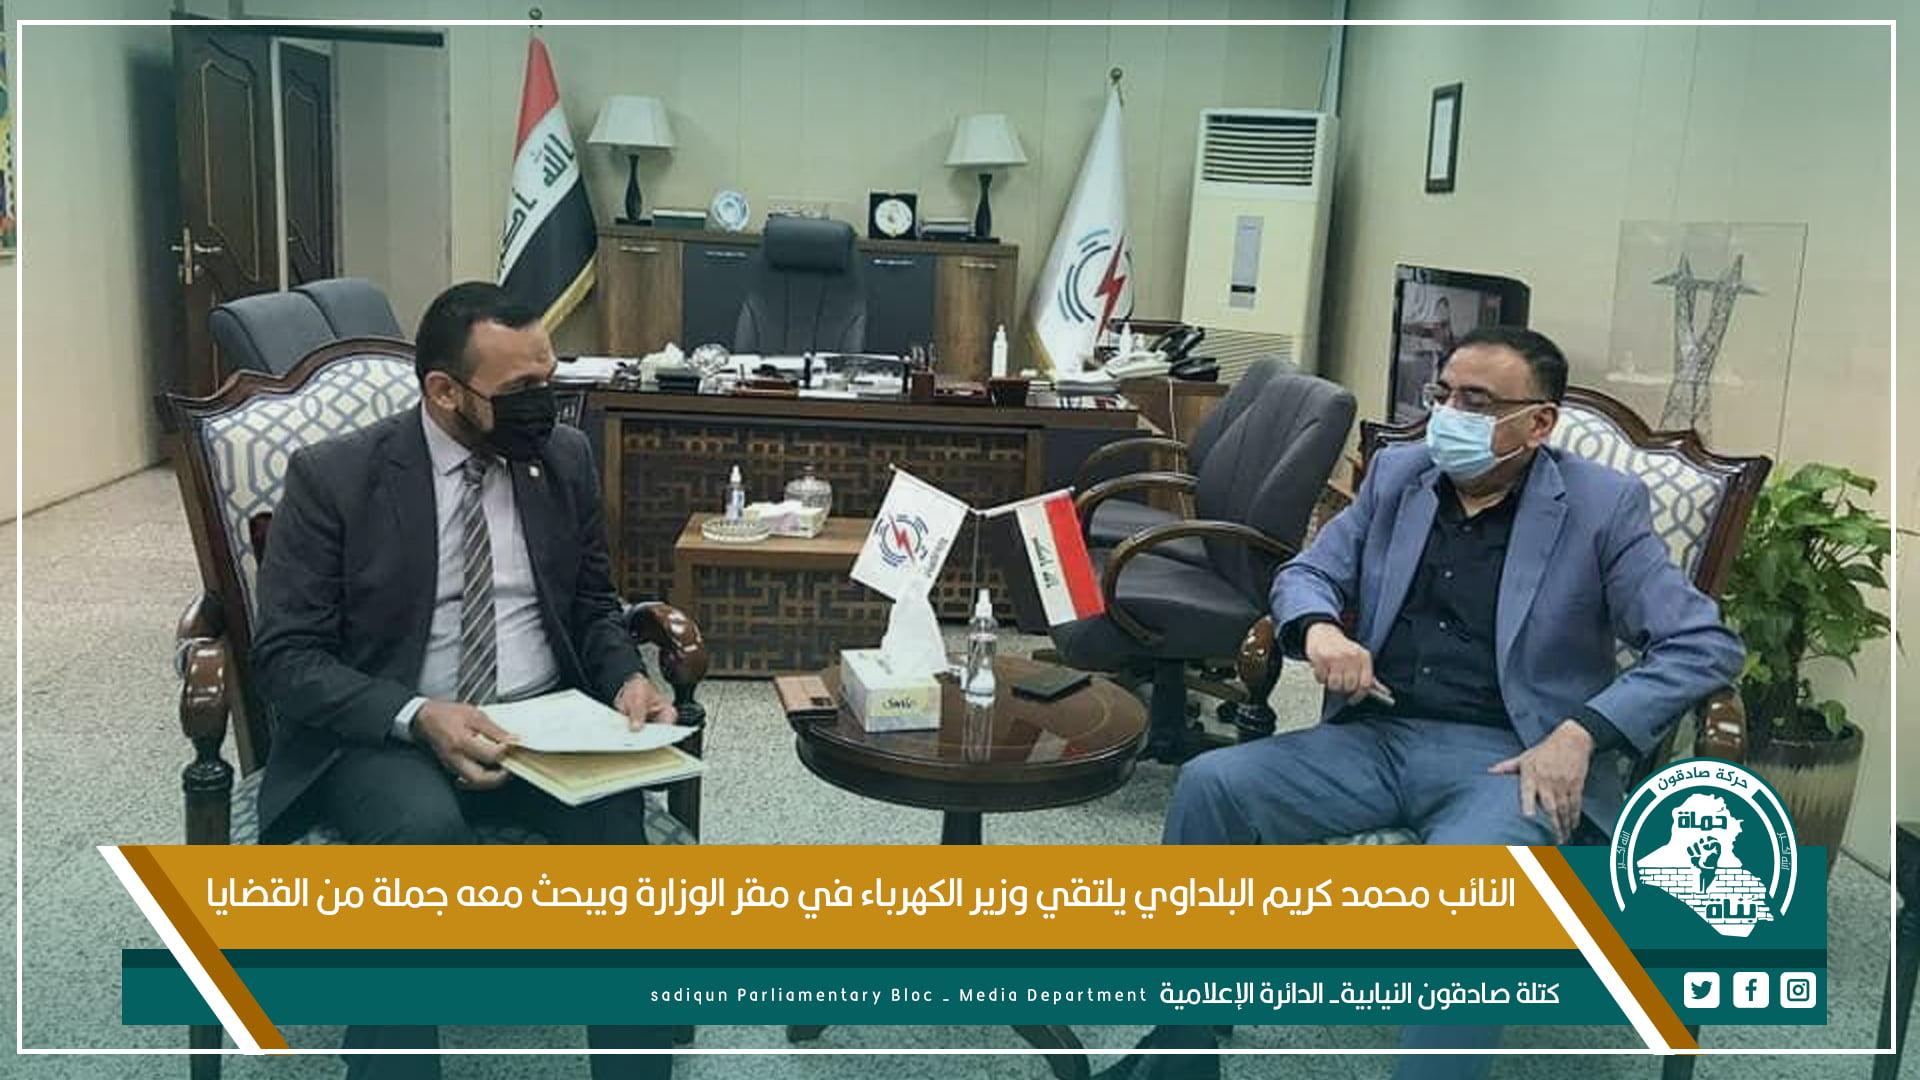 النائب محمد كريم البلداوي يلتقي وزير الكهرباء في مقر الوزارة ويبحث معه جملة من القضايا